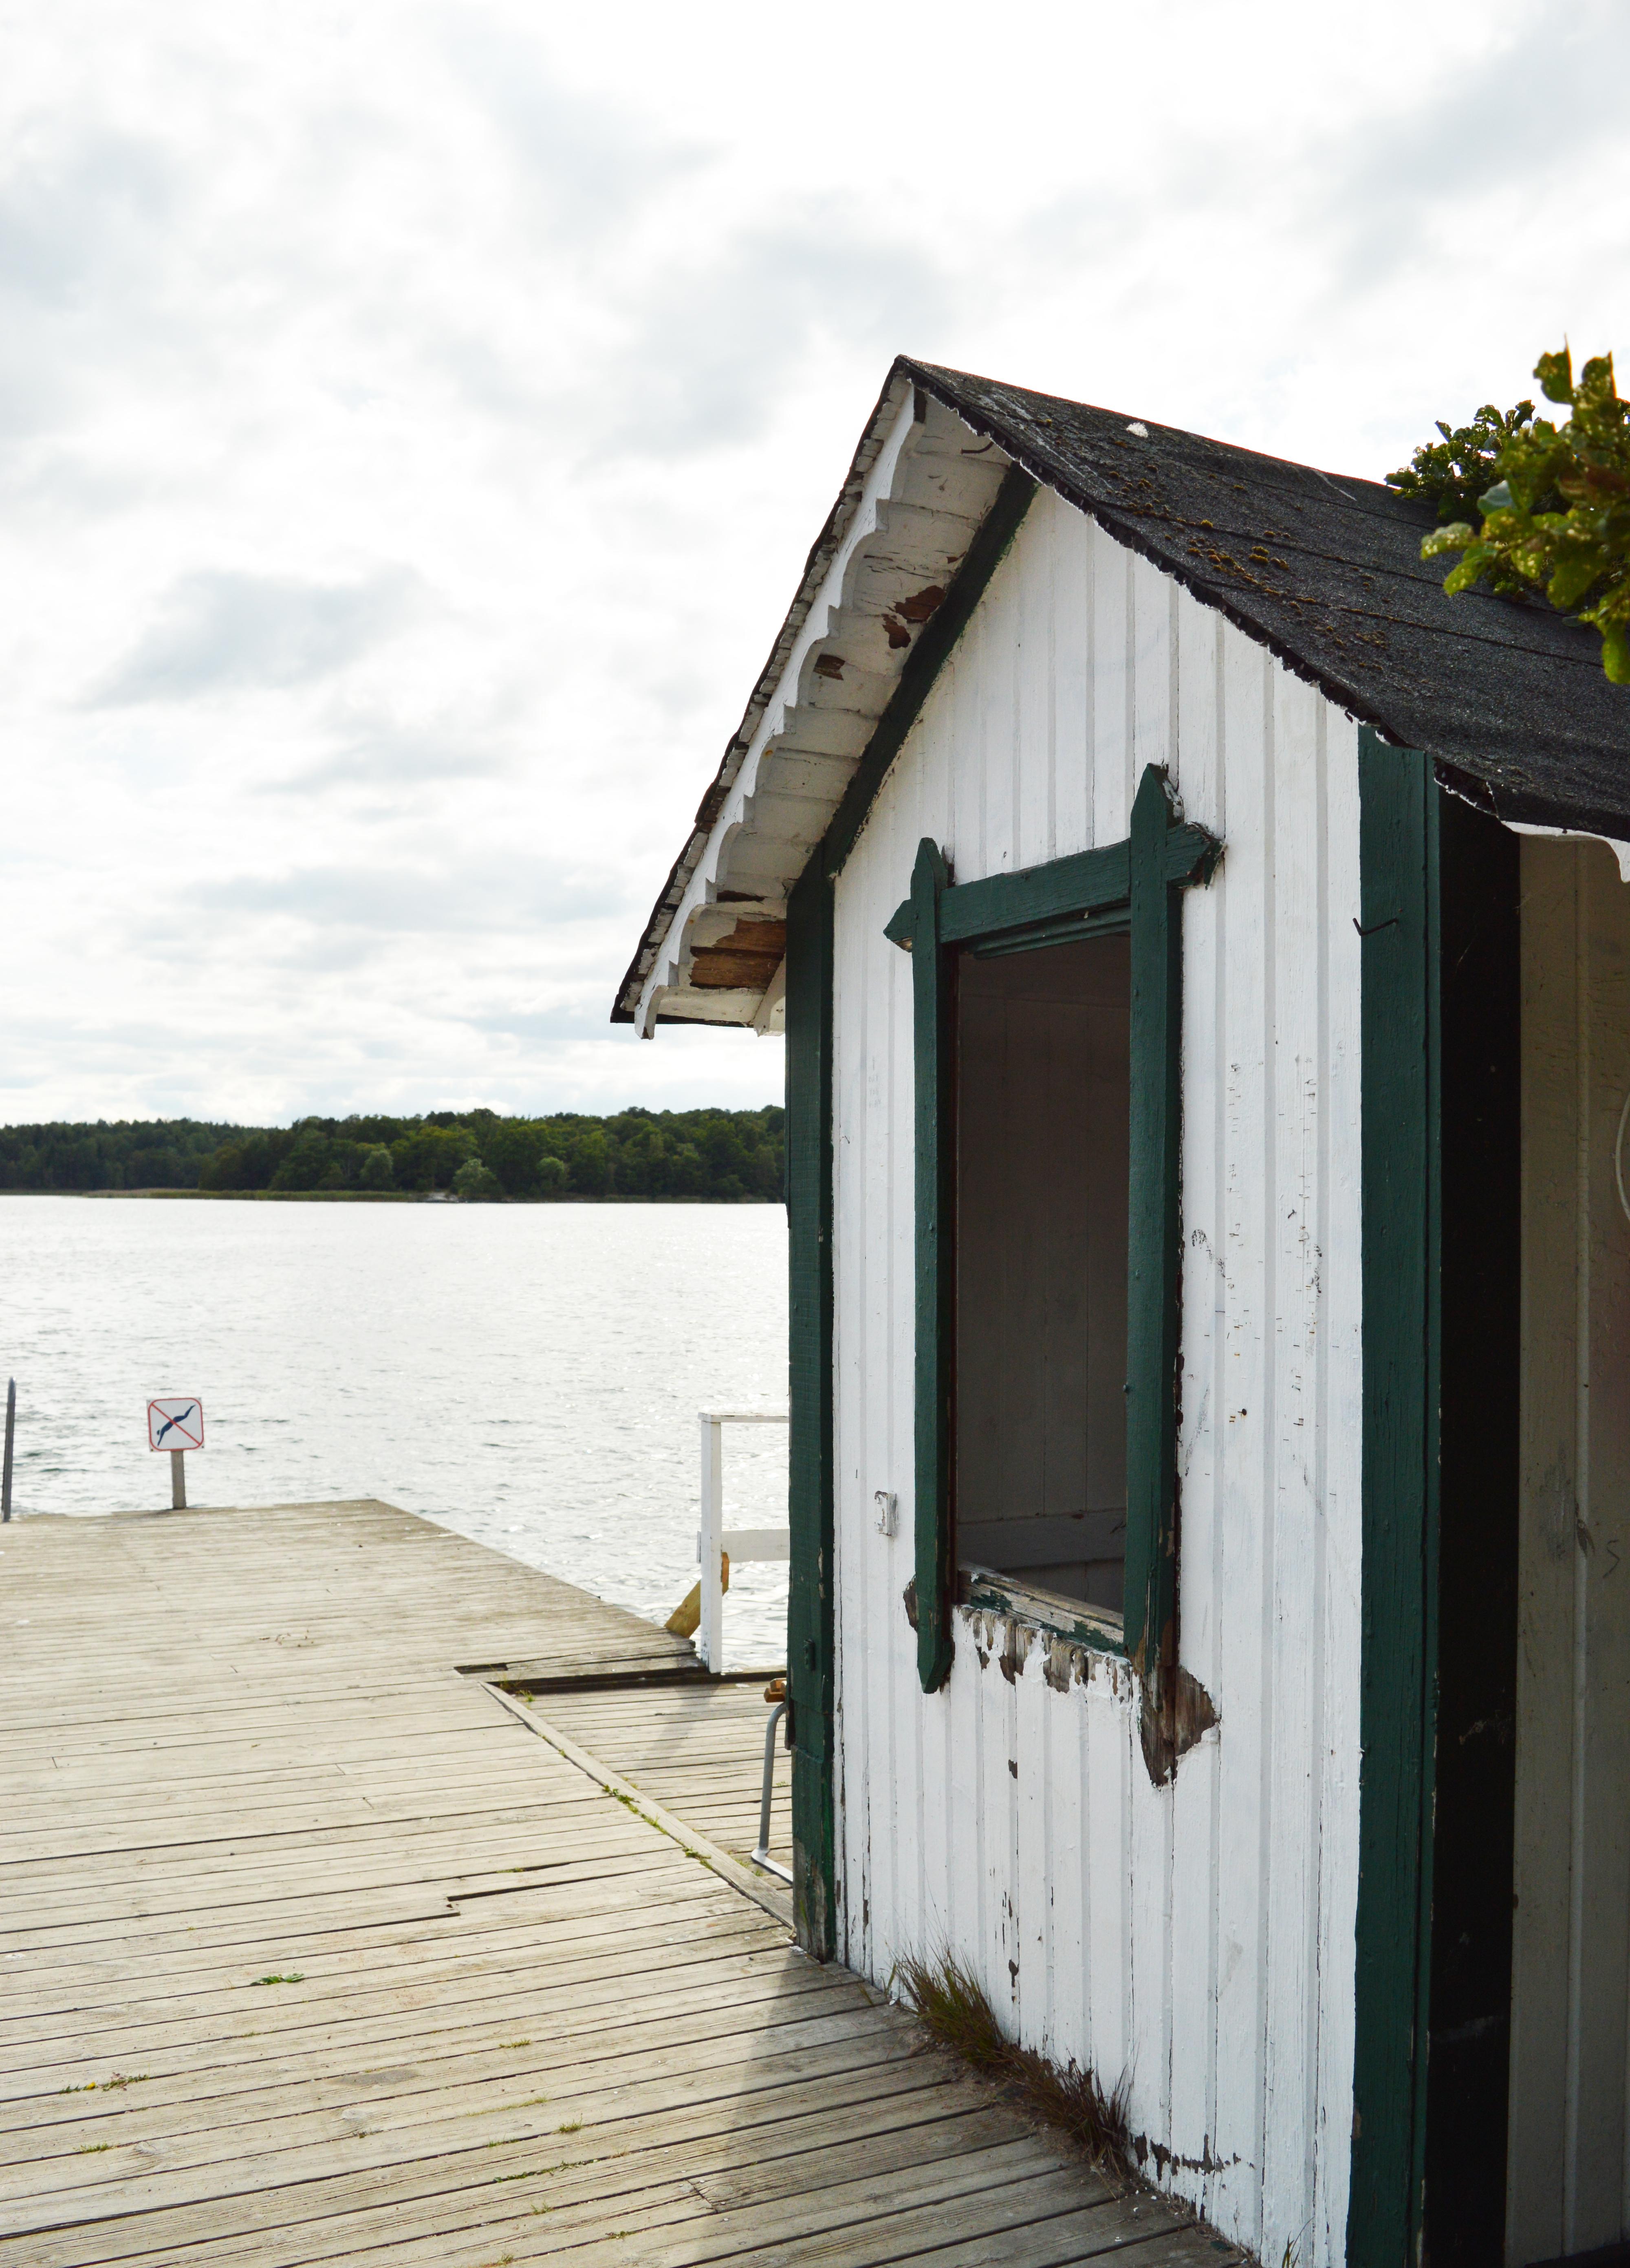 ponton_cabane_vaxholm